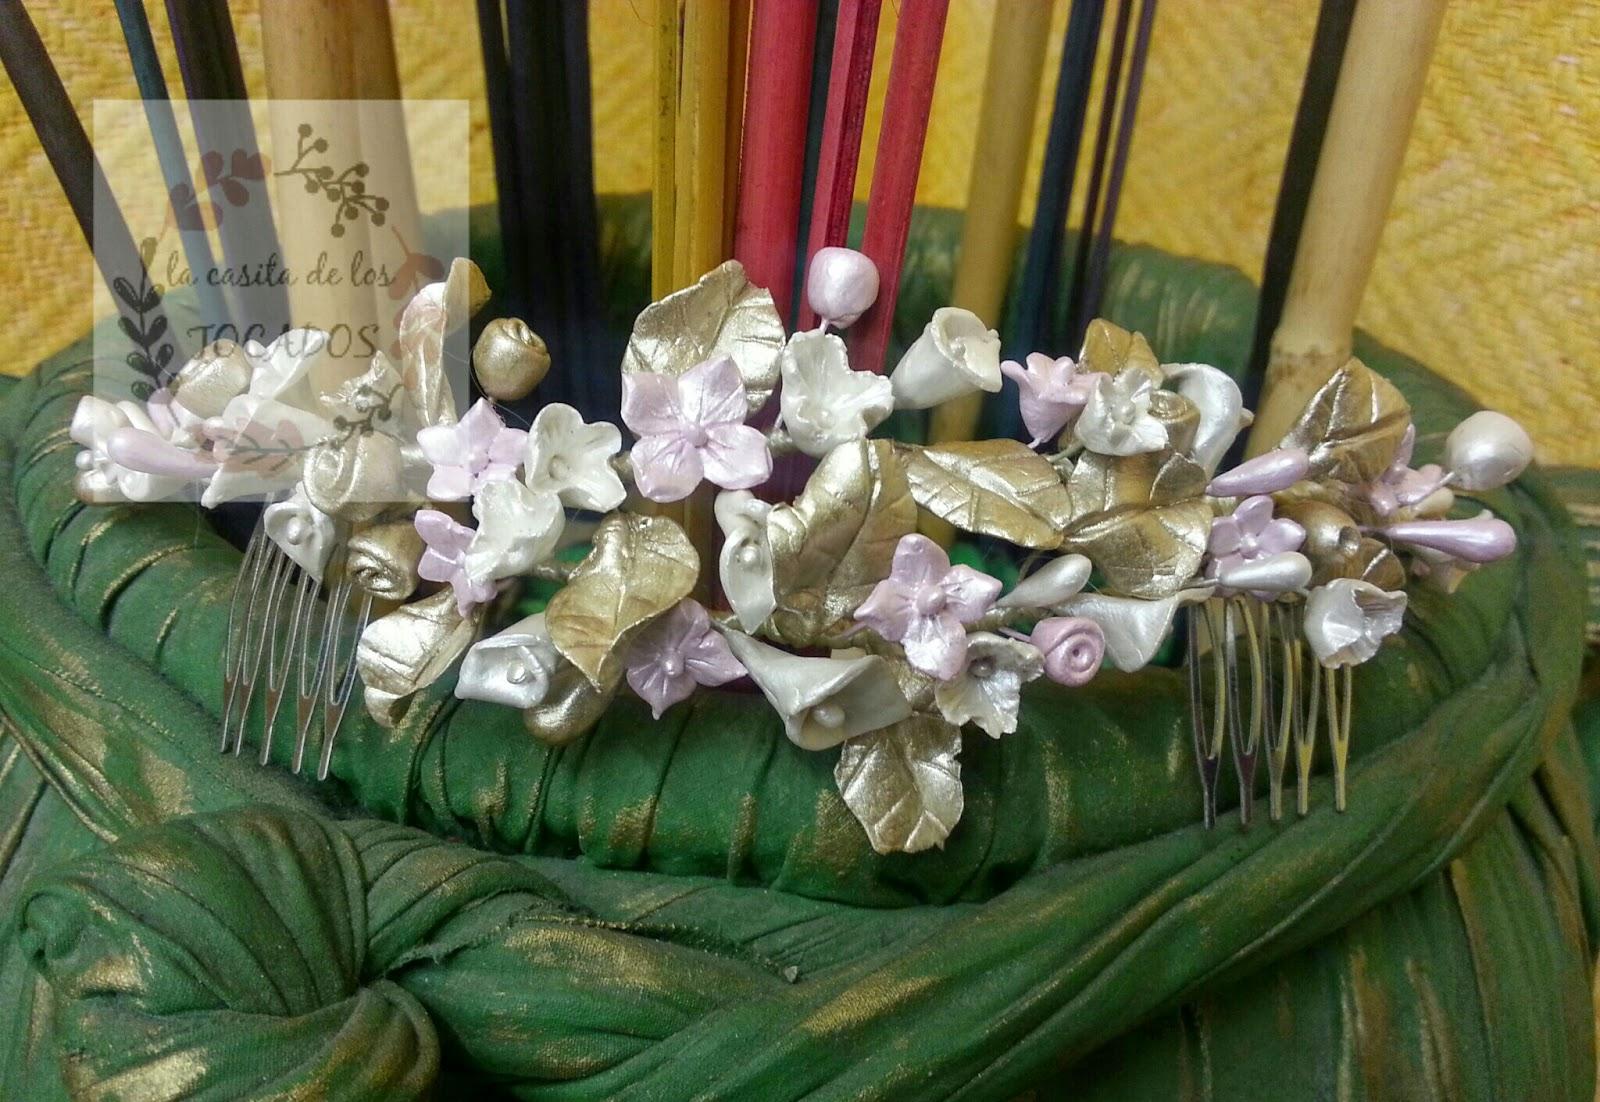 peineta para novia de porcelana a modo de media corona con flores, hojas y pistilos en tonos perlados